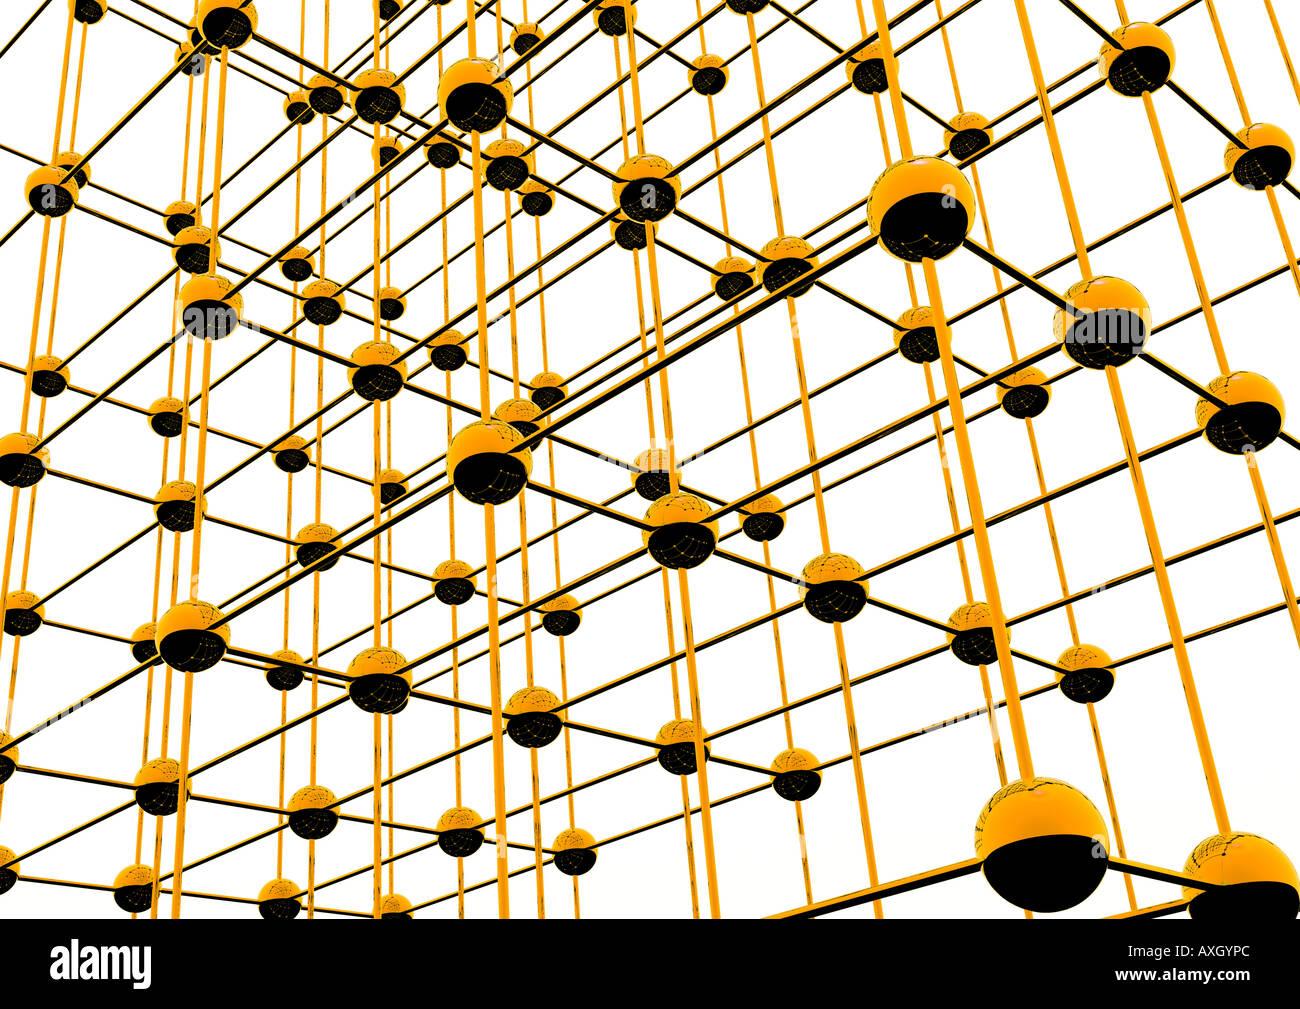 Netzwerkstruktur Netzwerk Struktur Stockbild